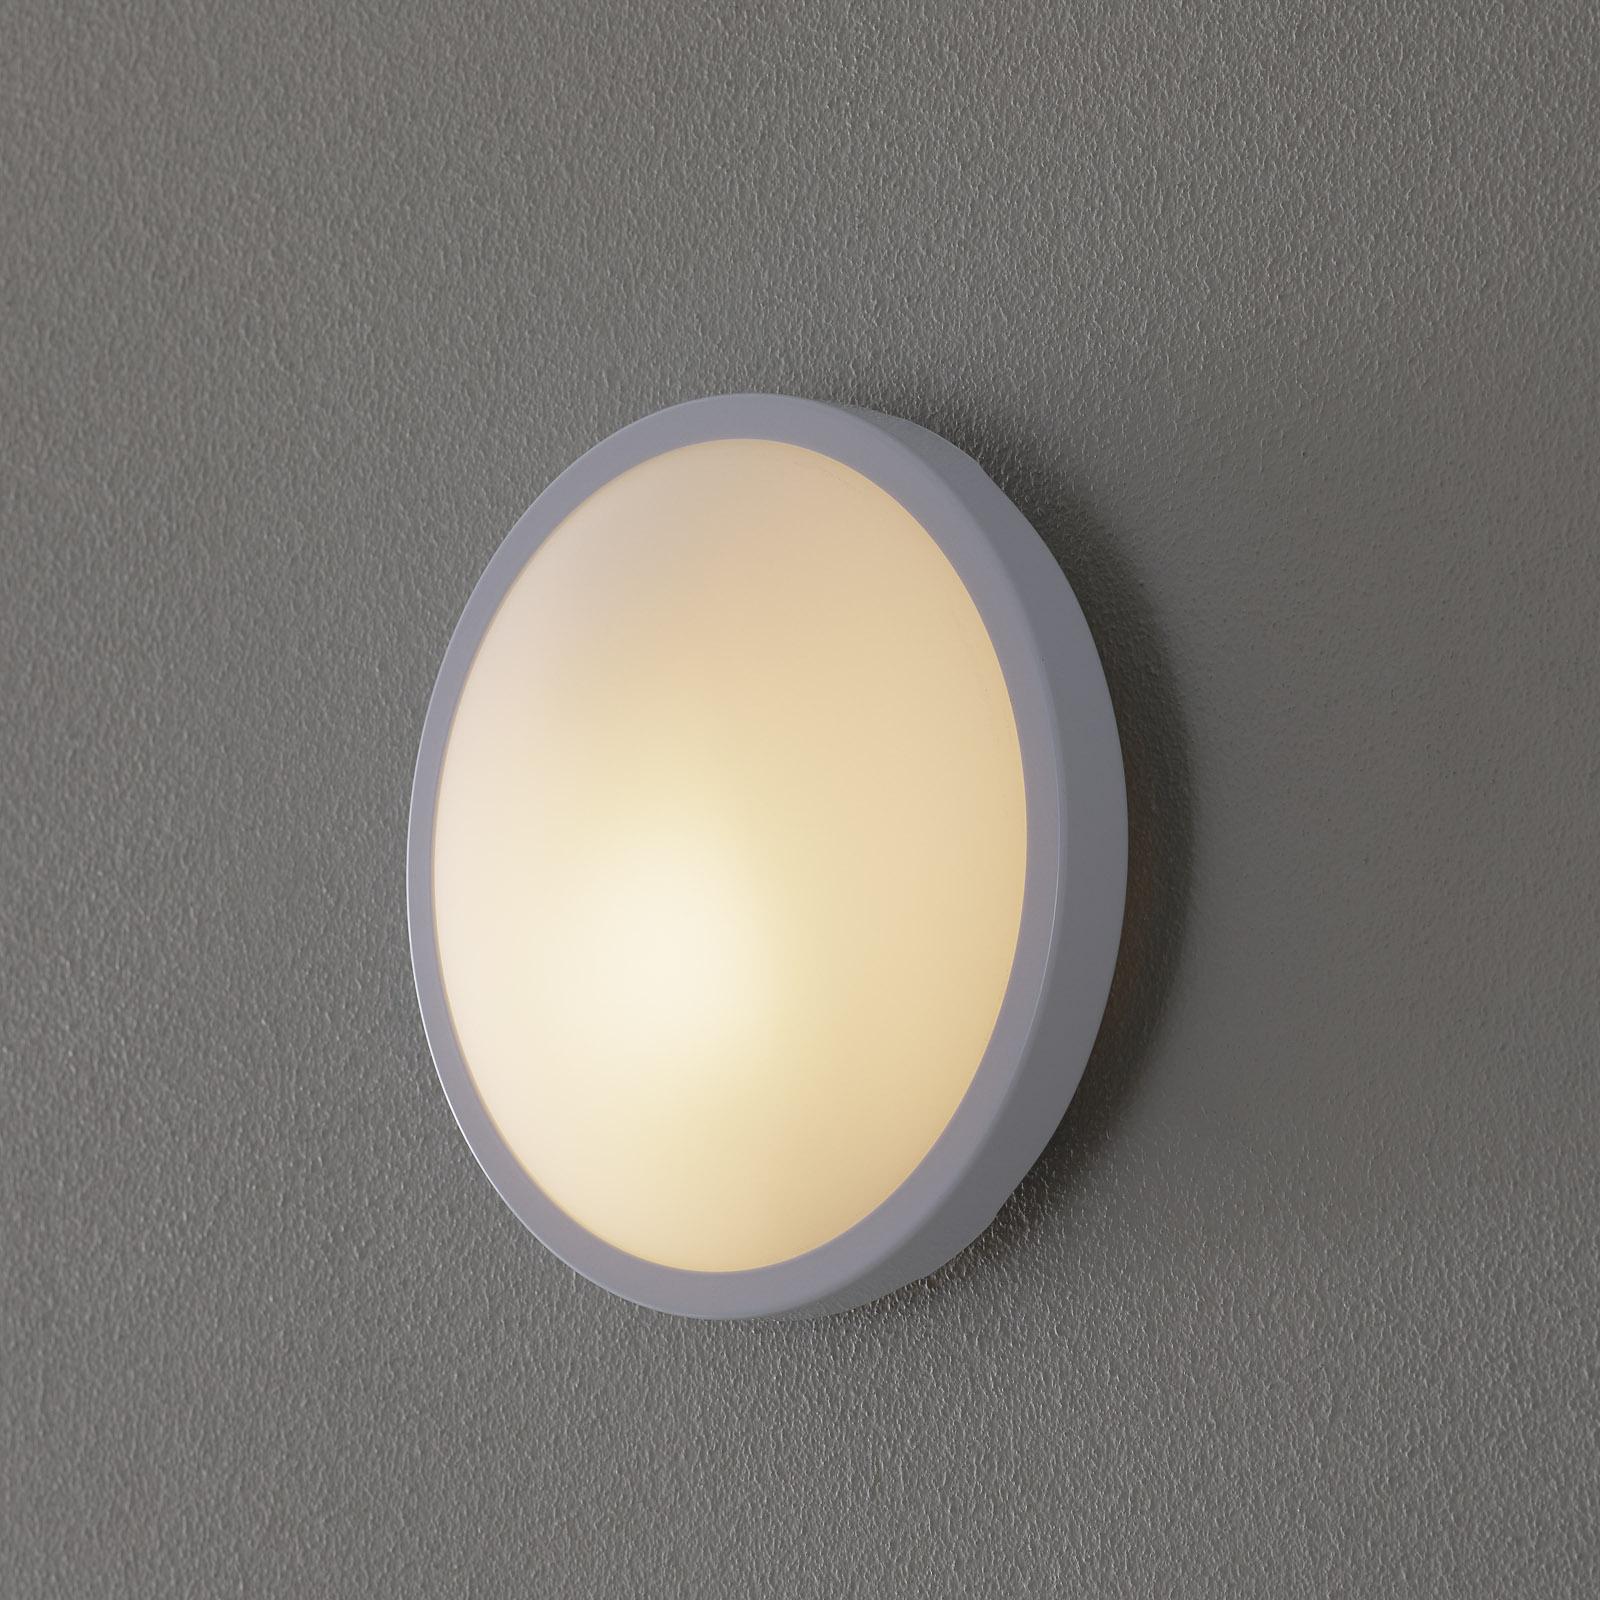 Applique ou plafonnier PLAZA verre, 21,5cm, blanc